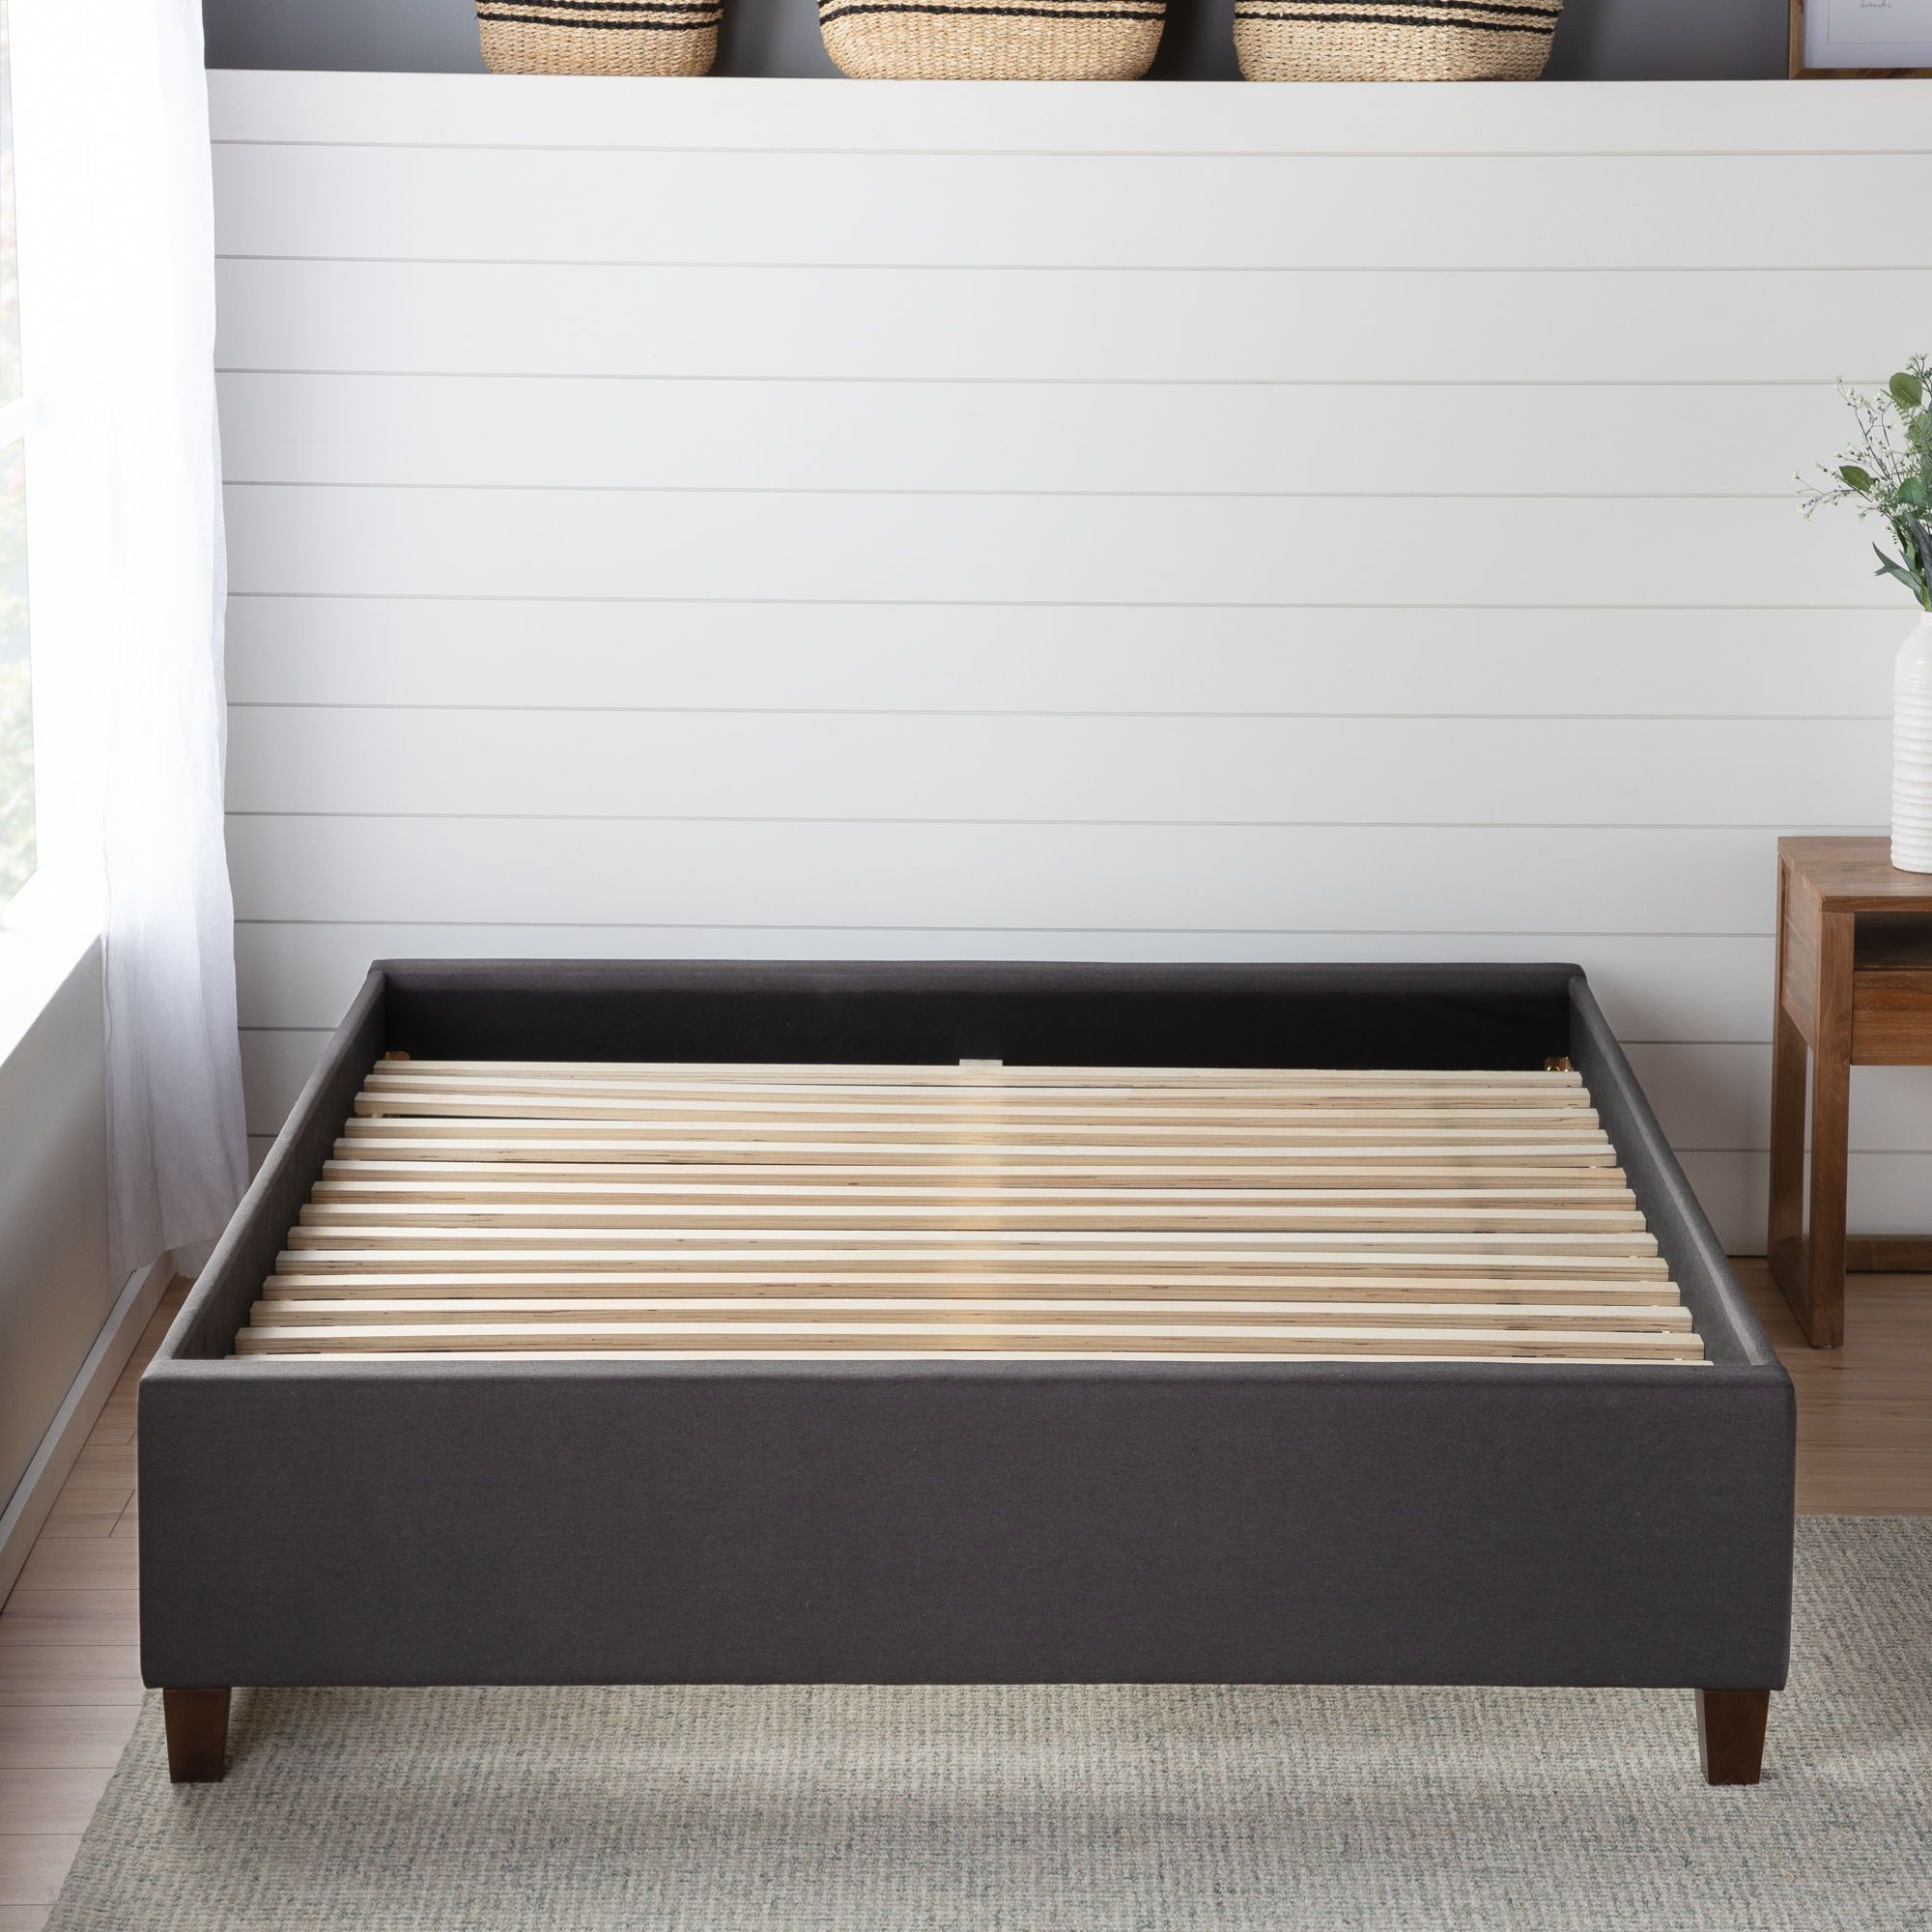 Brookside Upholstered platform bed, Platform bed, Upholster